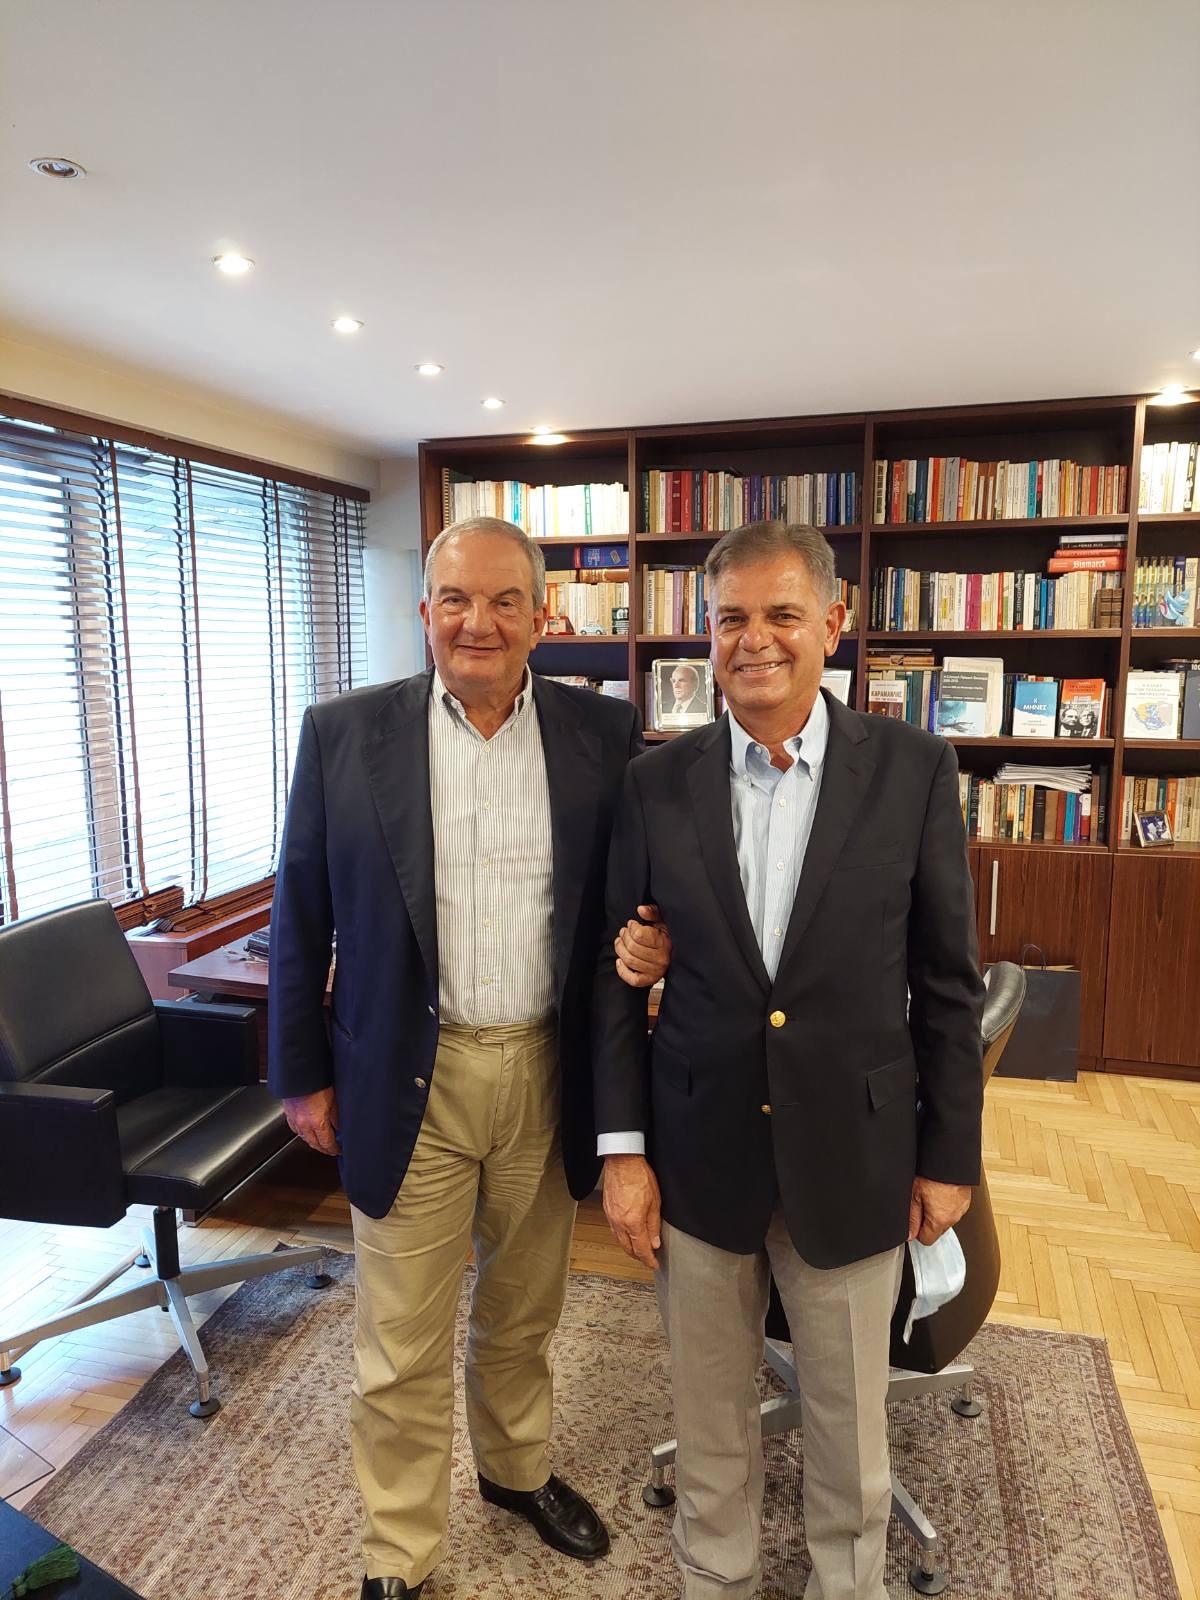 Συνάντηση Καραμανλή  Λουκέρη στην Παναγή Κυριακού –Τι συζήτησαν οι δύο άνδρες [εικόνες]